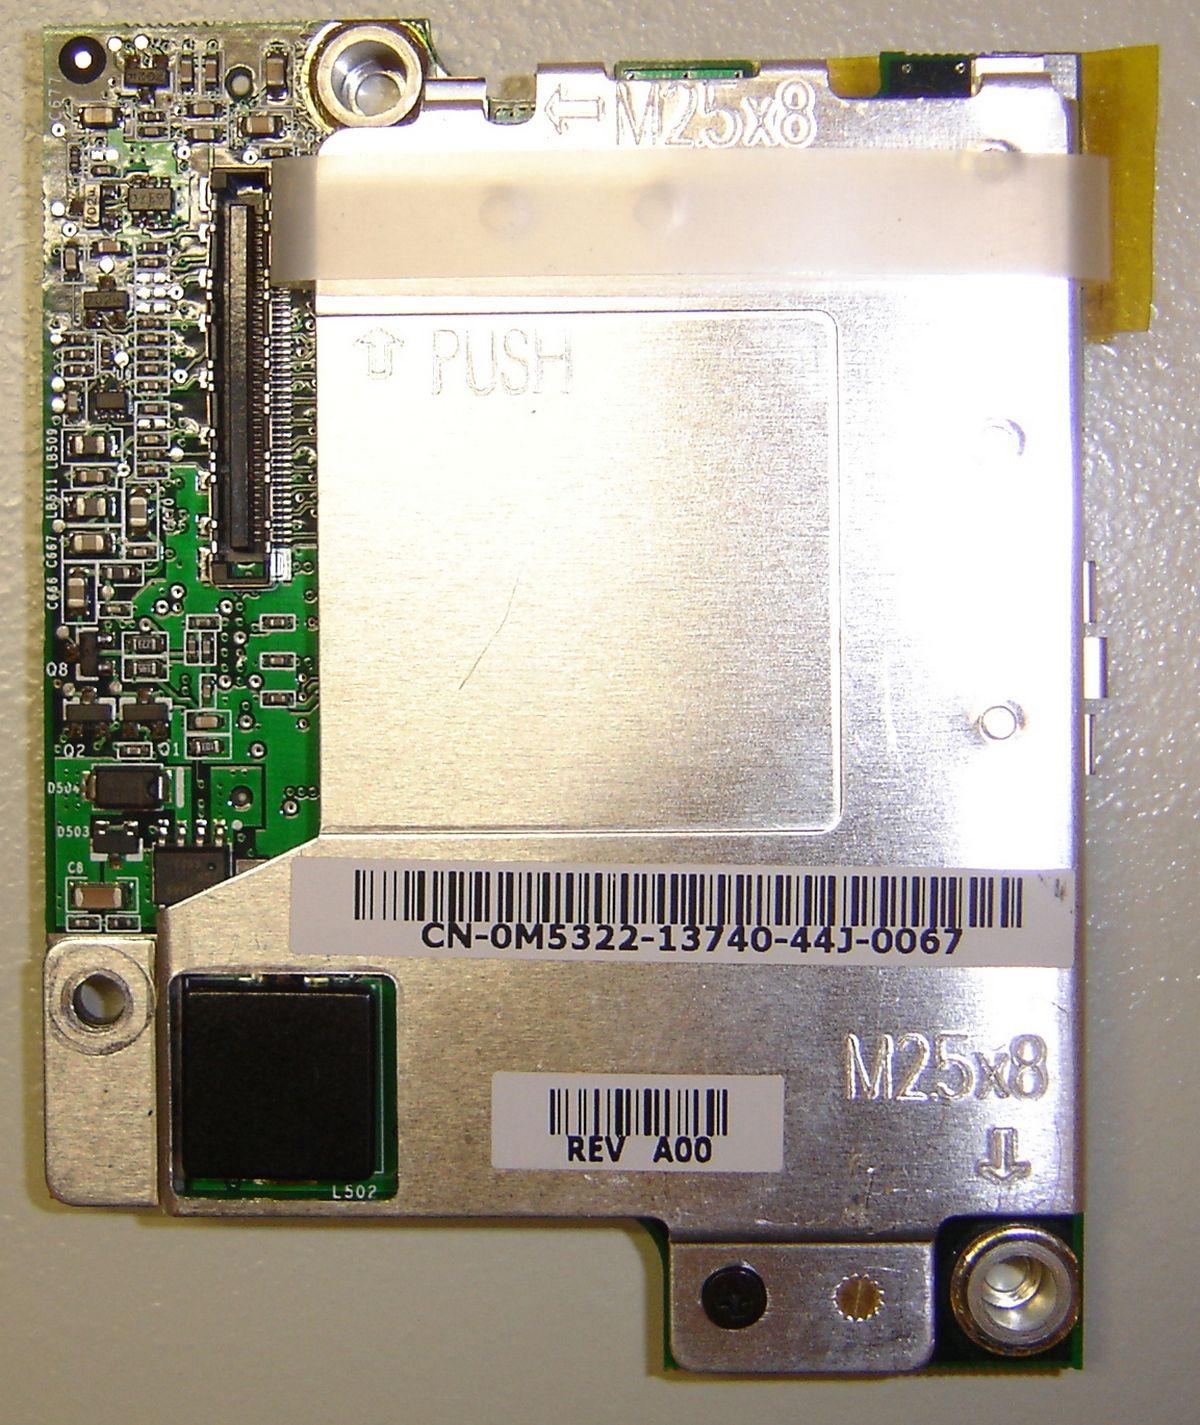 [Sprzedam] Karta graficzna GeForce FX Go5200 Dell Inspiron i inne.